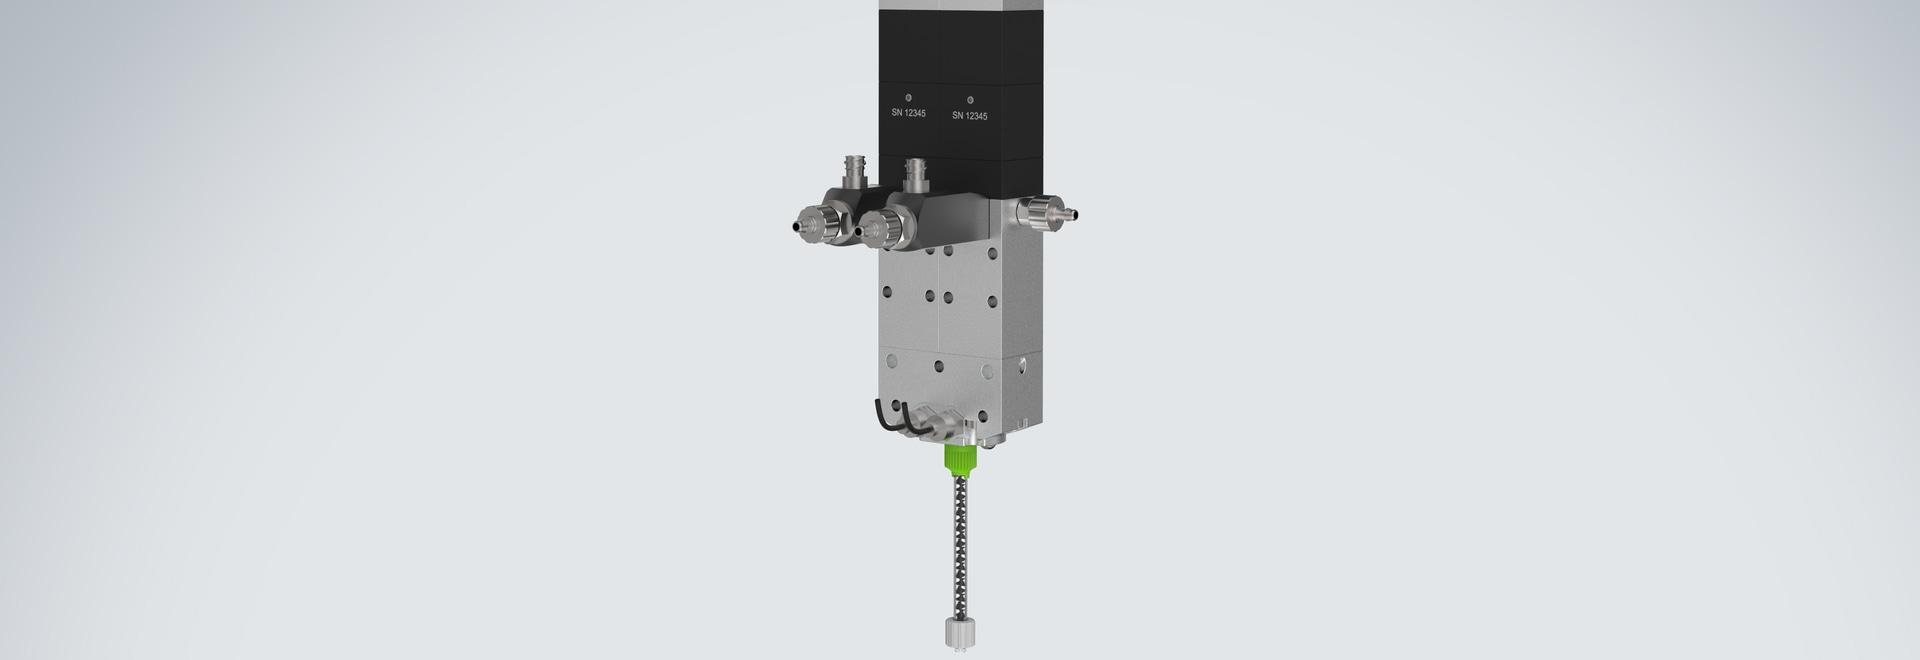 Cabezal de impresión de 2 componentes vipro-HEAD con sensores de presión de salida.